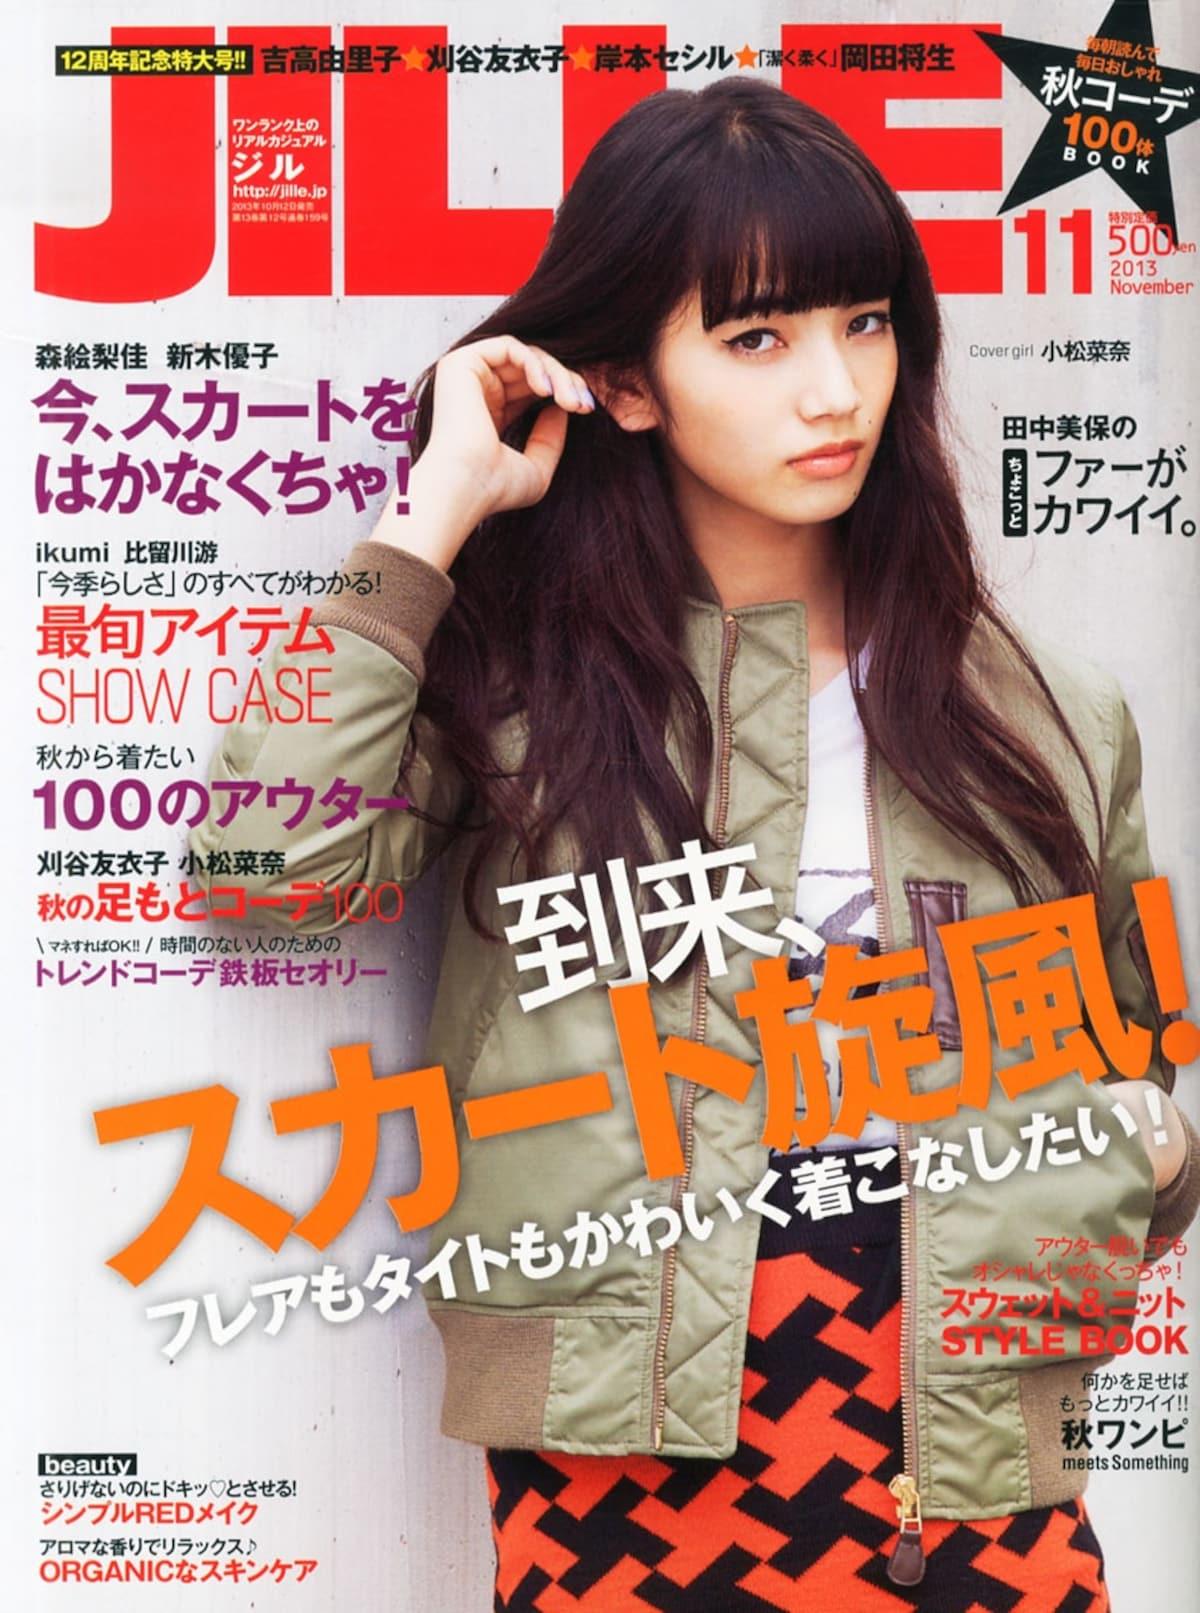 1. สาวสไตล์ Ura-Harajuku